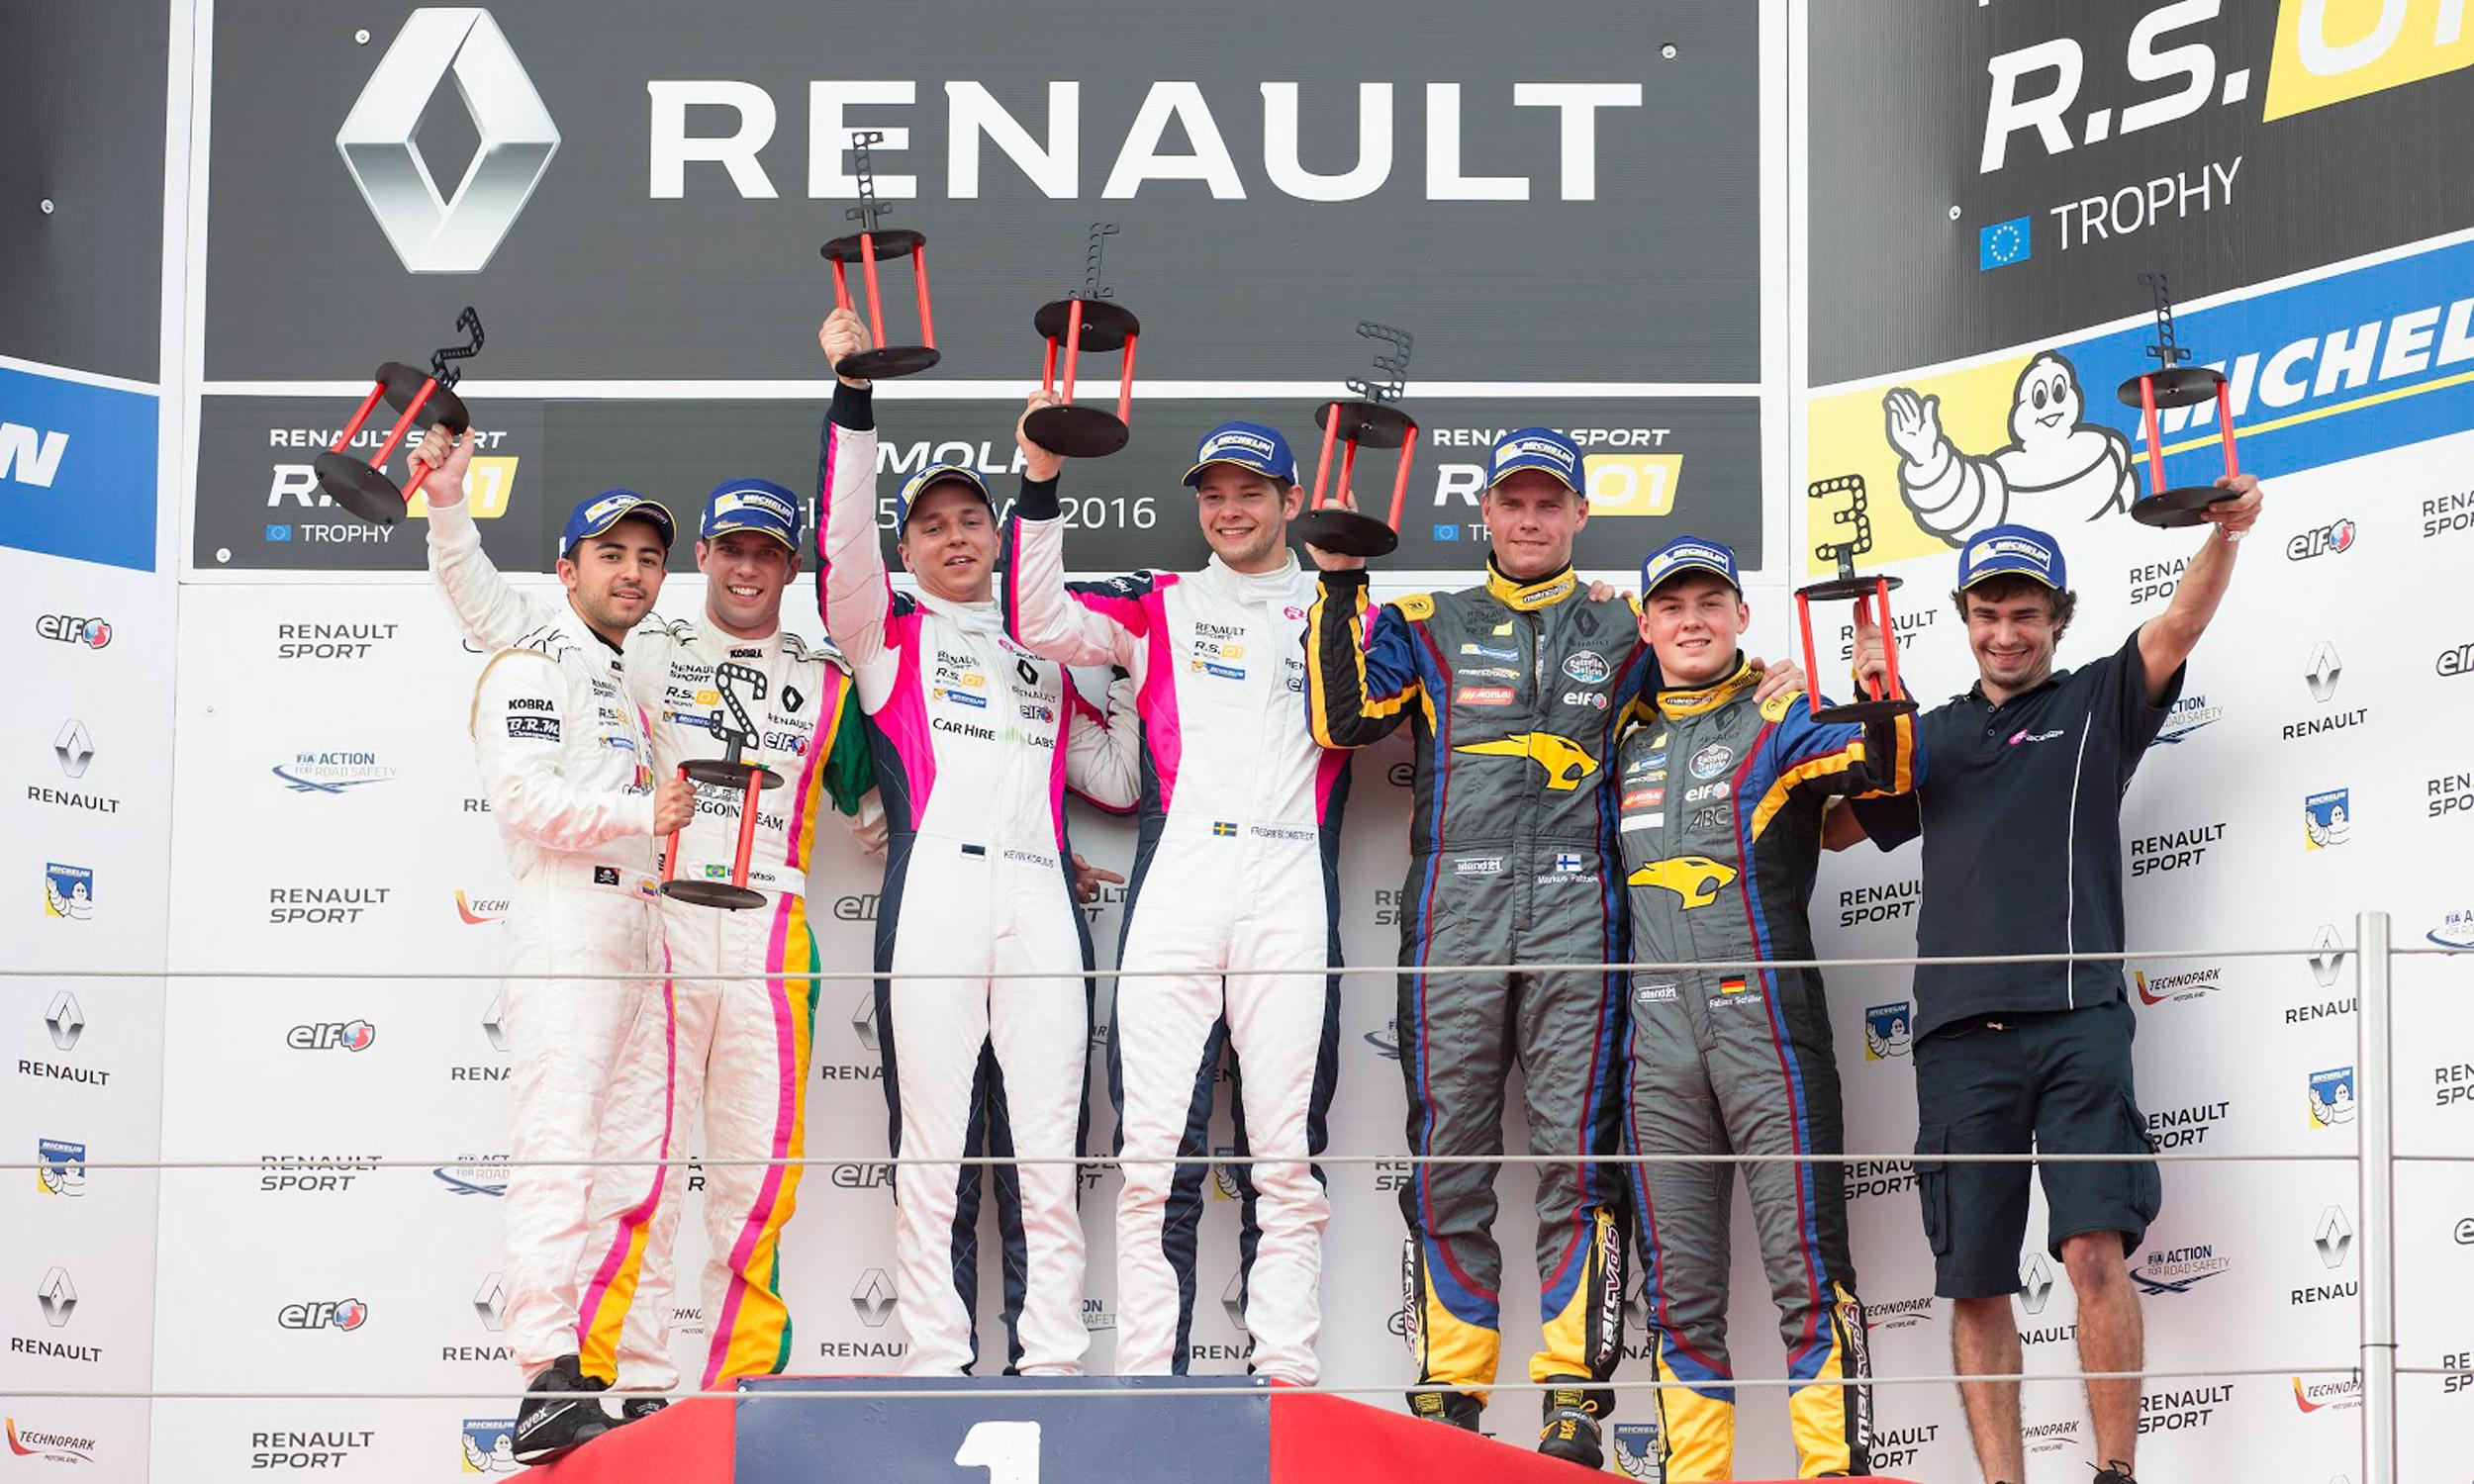 2016 - Renault Sport Trophy